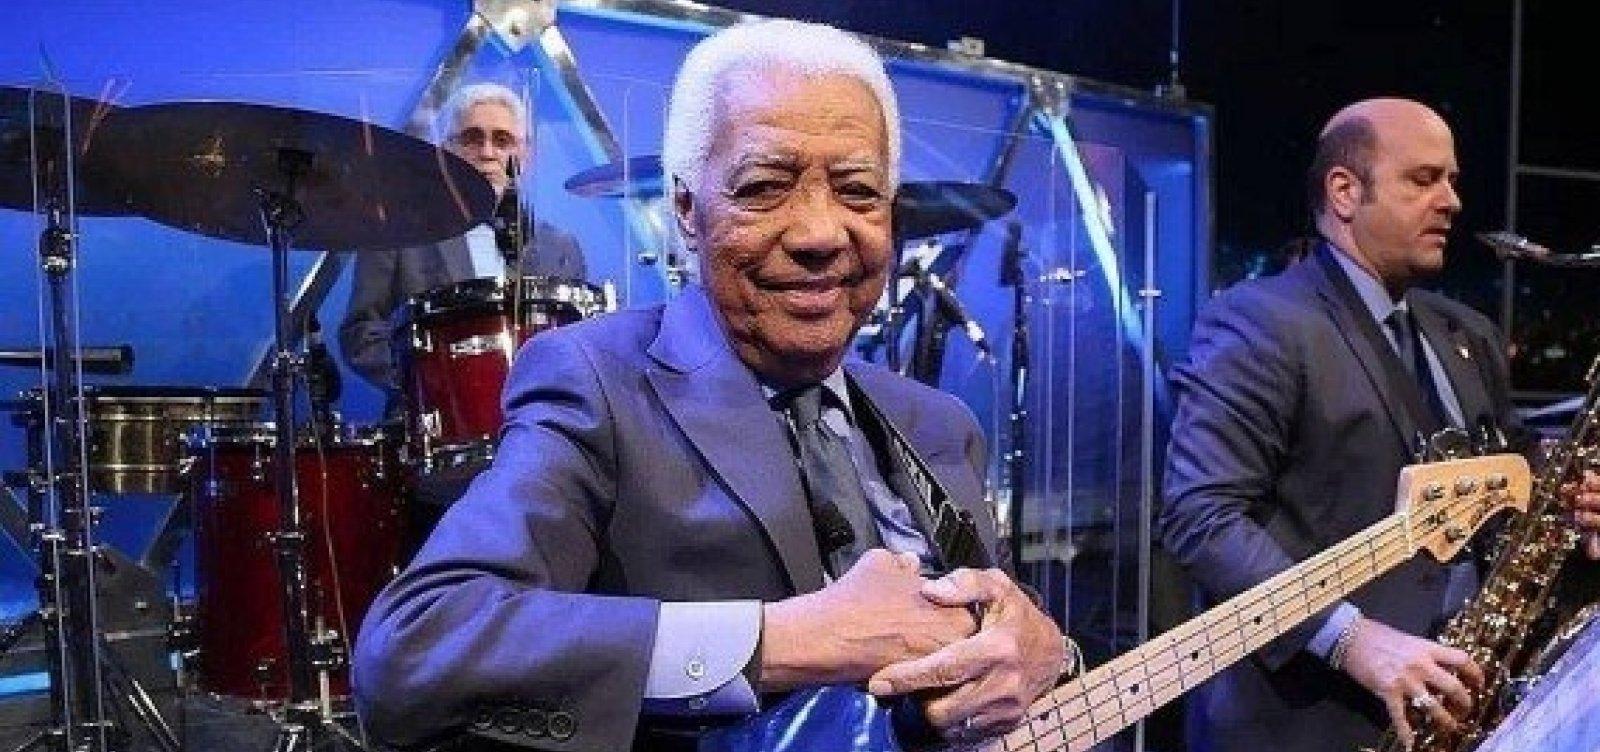 [Morre aos 85 anos o músico baiano Bira, do Sexteto de Jô Soares]